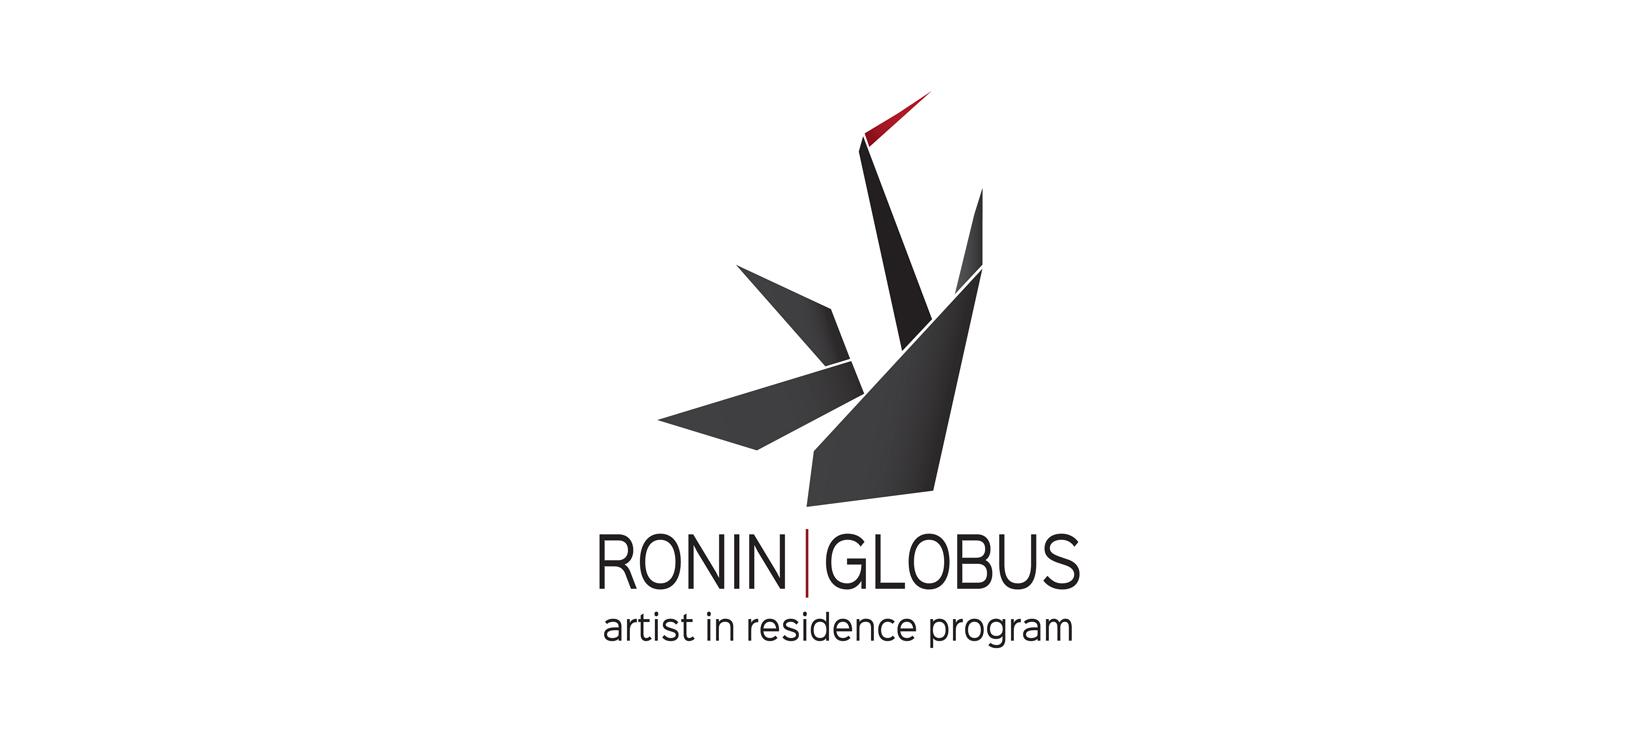 Ronin Globus Artist in Residence Program